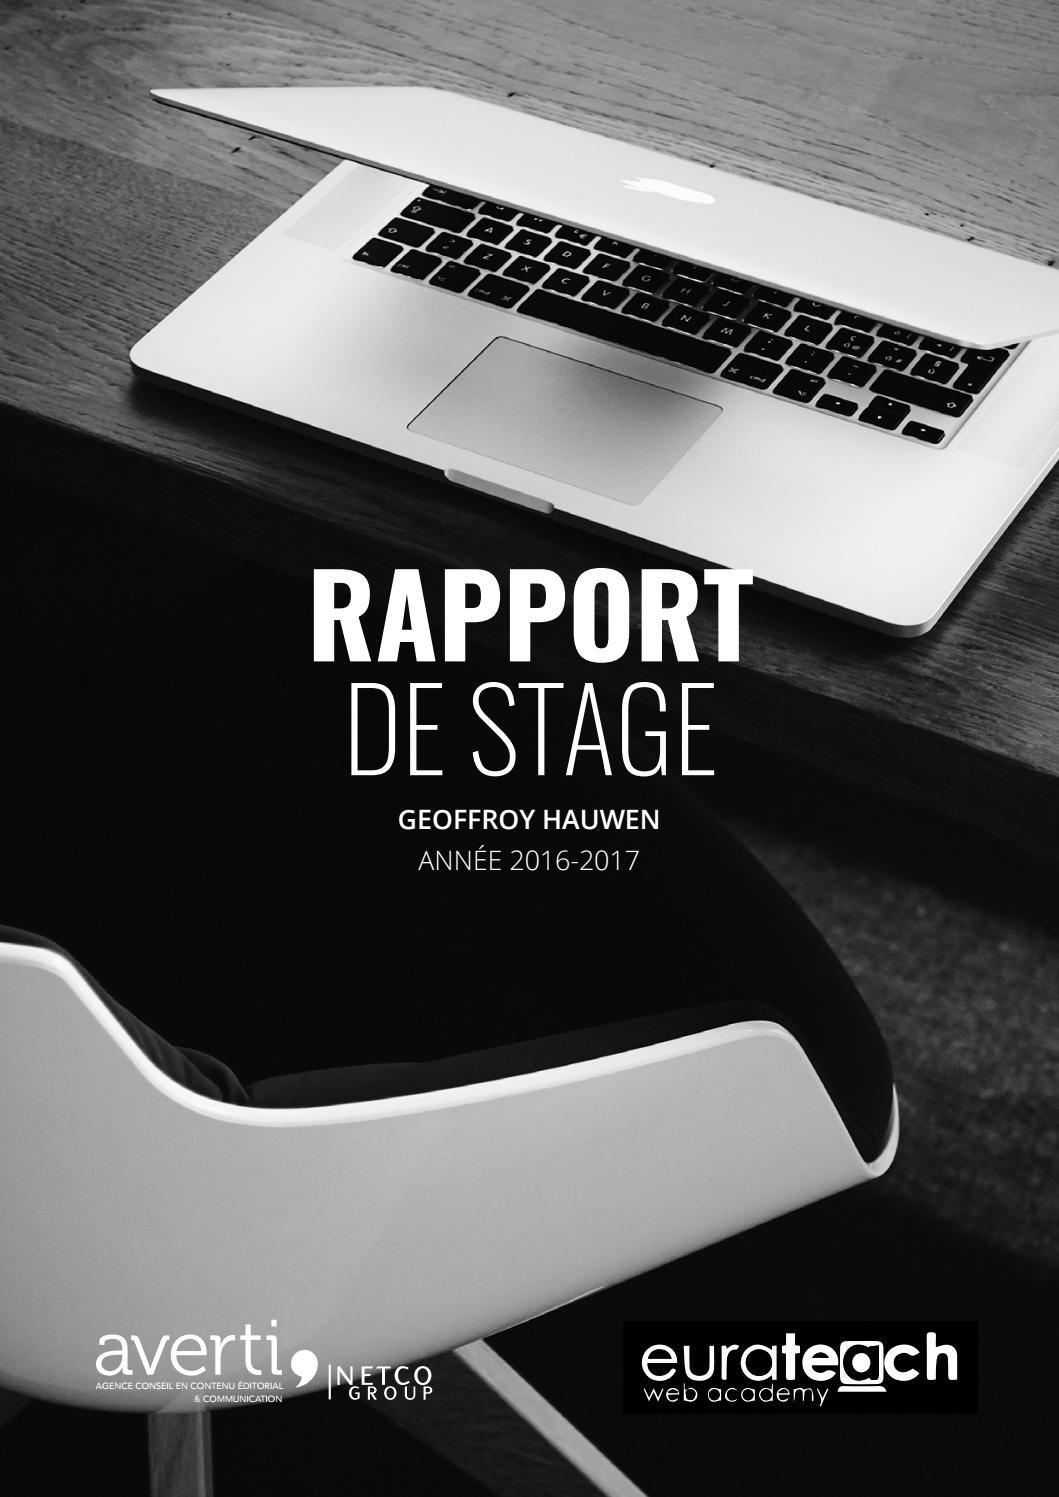 Agence De Communication Roubaix rapport de stage - agence avertigeoffroy hauwen - issuu